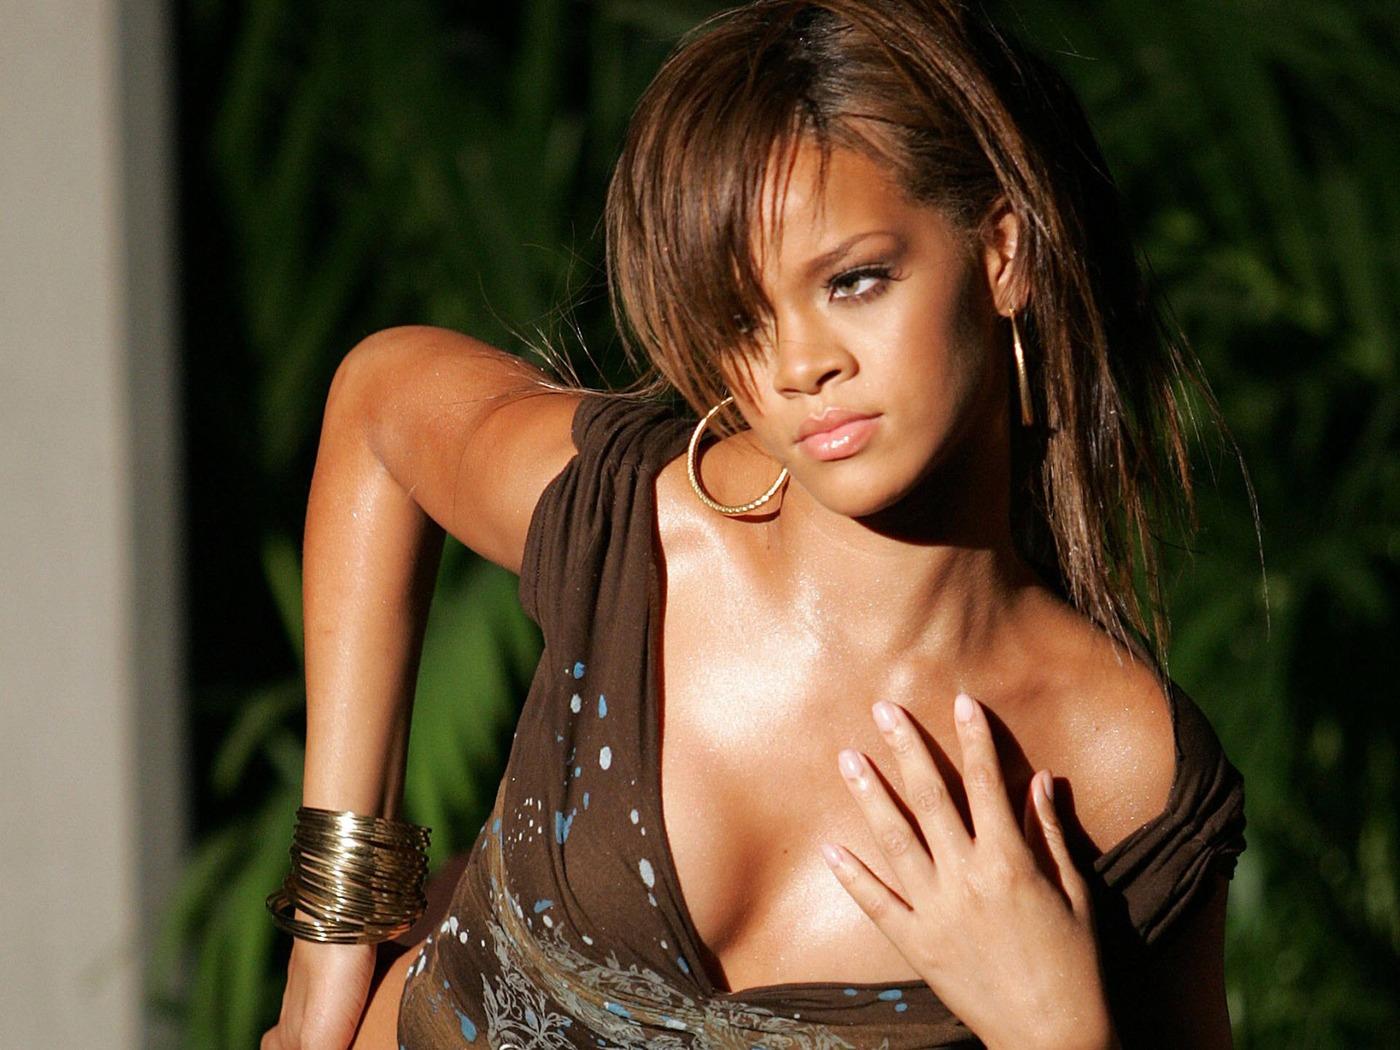 Самые сексуальные девушки всех времен, Самые красивые женщины всех времён по версии 11 фотография